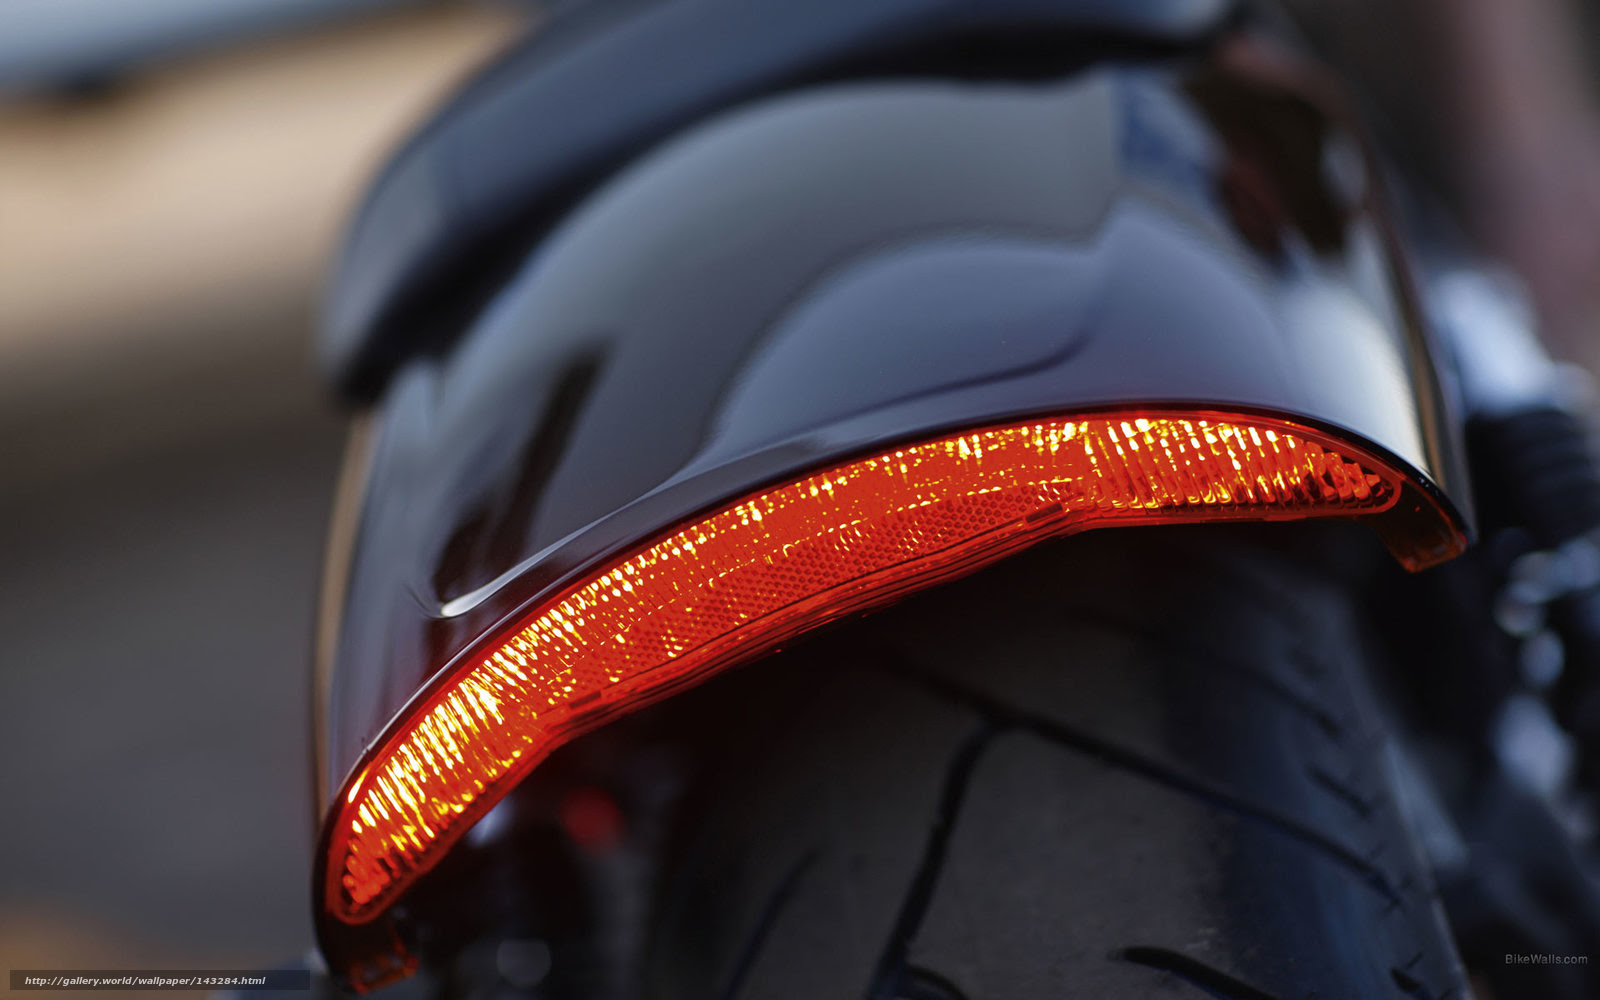 Download Wallpaper Harley Davidson Vrsc Vrscf V Rod Muscle